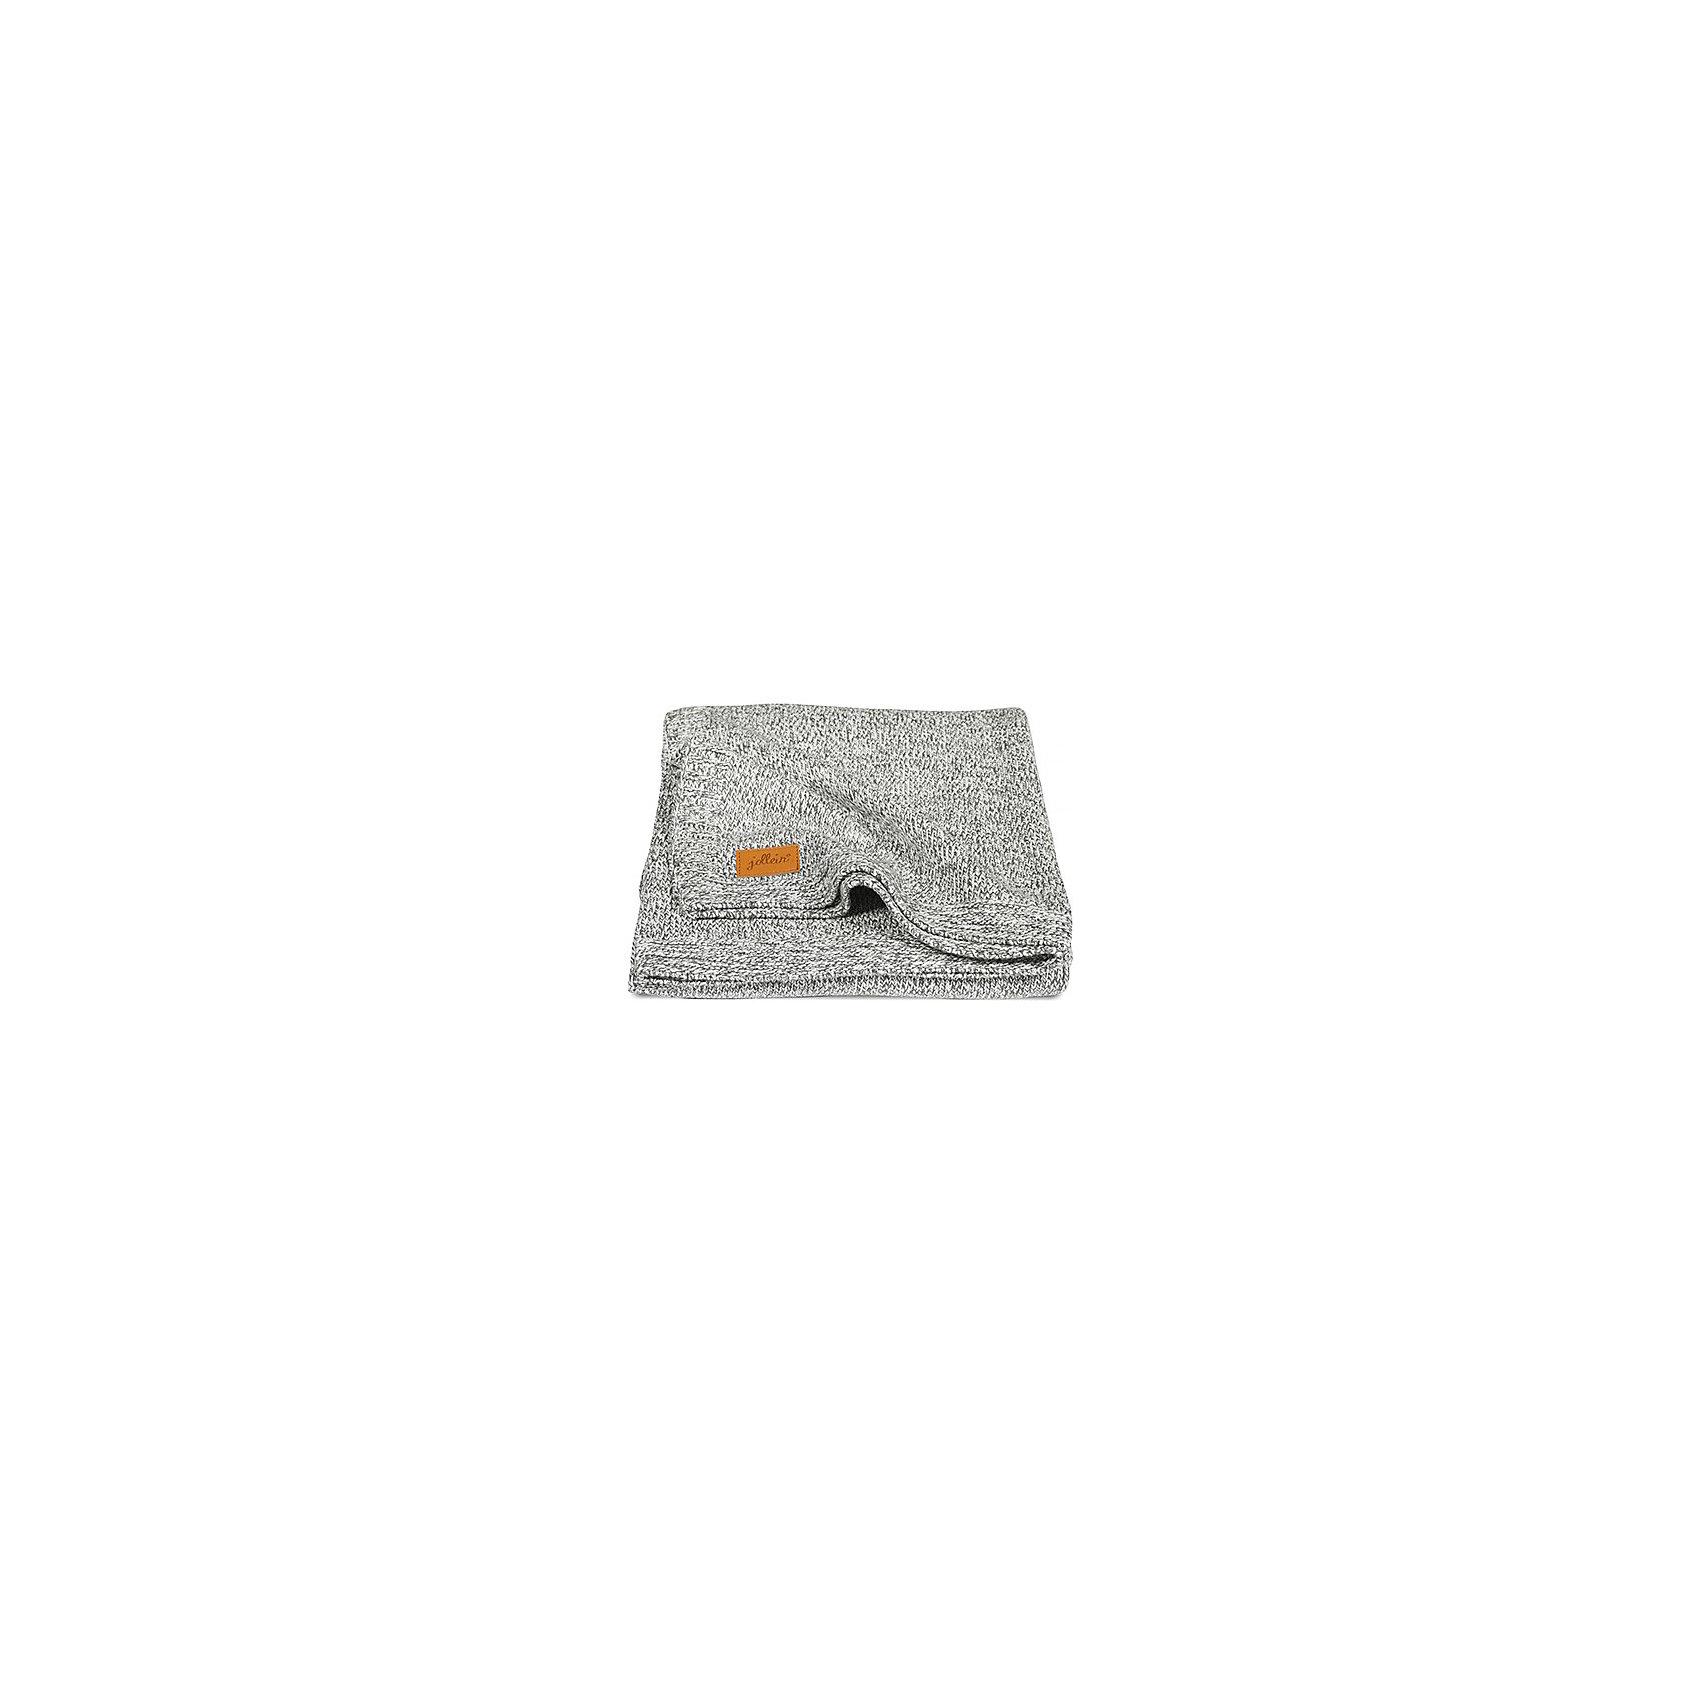 Вязаный плед 75х100 см, Jollein, Stonewashed knit greyОдеяла, пледы<br>Характеристики:<br><br>• Предназначение: на выписку, для прогулок, для сна<br>• Пол: универсальный<br>• Сезон: круглый год<br>• Степень утепления: без утепления<br>• Температурный режим: от +15? С<br>• Цвет: серый меланжевый<br>• Тематика рисунка: без рисунка<br>• Универсальный размер, подходящий для кроватки, люльки, коляски<br>• Материал: 50% хлопок, 50% акрил<br>• Размер (Ш*Д): 75*100 см<br>• Вес: 350 г<br>• Особенности ухода: машинная или ручная стирка при температуре не более 60 градусов<br><br>Вязаный плед 75х100 см, Jollein, Stonewashed knit grey от торговой марки Жолляйн, которая является признанным лидером среди аналогичных брендов, выпускающих детское постельное белье и текстиль для новорожденных и детей. Продукция этого торгового бренда отличается высоким качеством и дизайнерским стилем. <br><br>Плед выполнен из вязаного полотна, выполненного из сочетания хлопка и акрила, что обеспечивает изделию высокие гигиенические, гигроскопические и гипоаллергенные качества. Благодаря акрилу плед хорошо сохраняет цвет и форму. Имеет легкий вес и компатный размер в сложенном виде, при этом не сминается. <br><br>Плед выполнен в брендовом дизайне: вязаное полотно стильного серого цвета. Вязаный плед 75х100 см, Jollein, Stonewashed knit grey – это плед, который подарит тепло, уют и роскошь классического стиля!<br><br>Вязаный плед 75х100 см, Jollein, Stonewashed knit grey можно купить в нашем интернет-магазине.<br><br>Ширина мм: 250<br>Глубина мм: 250<br>Высота мм: 25<br>Вес г: 340<br>Возраст от месяцев: 0<br>Возраст до месяцев: 36<br>Пол: Унисекс<br>Возраст: Детский<br>SKU: 5367153